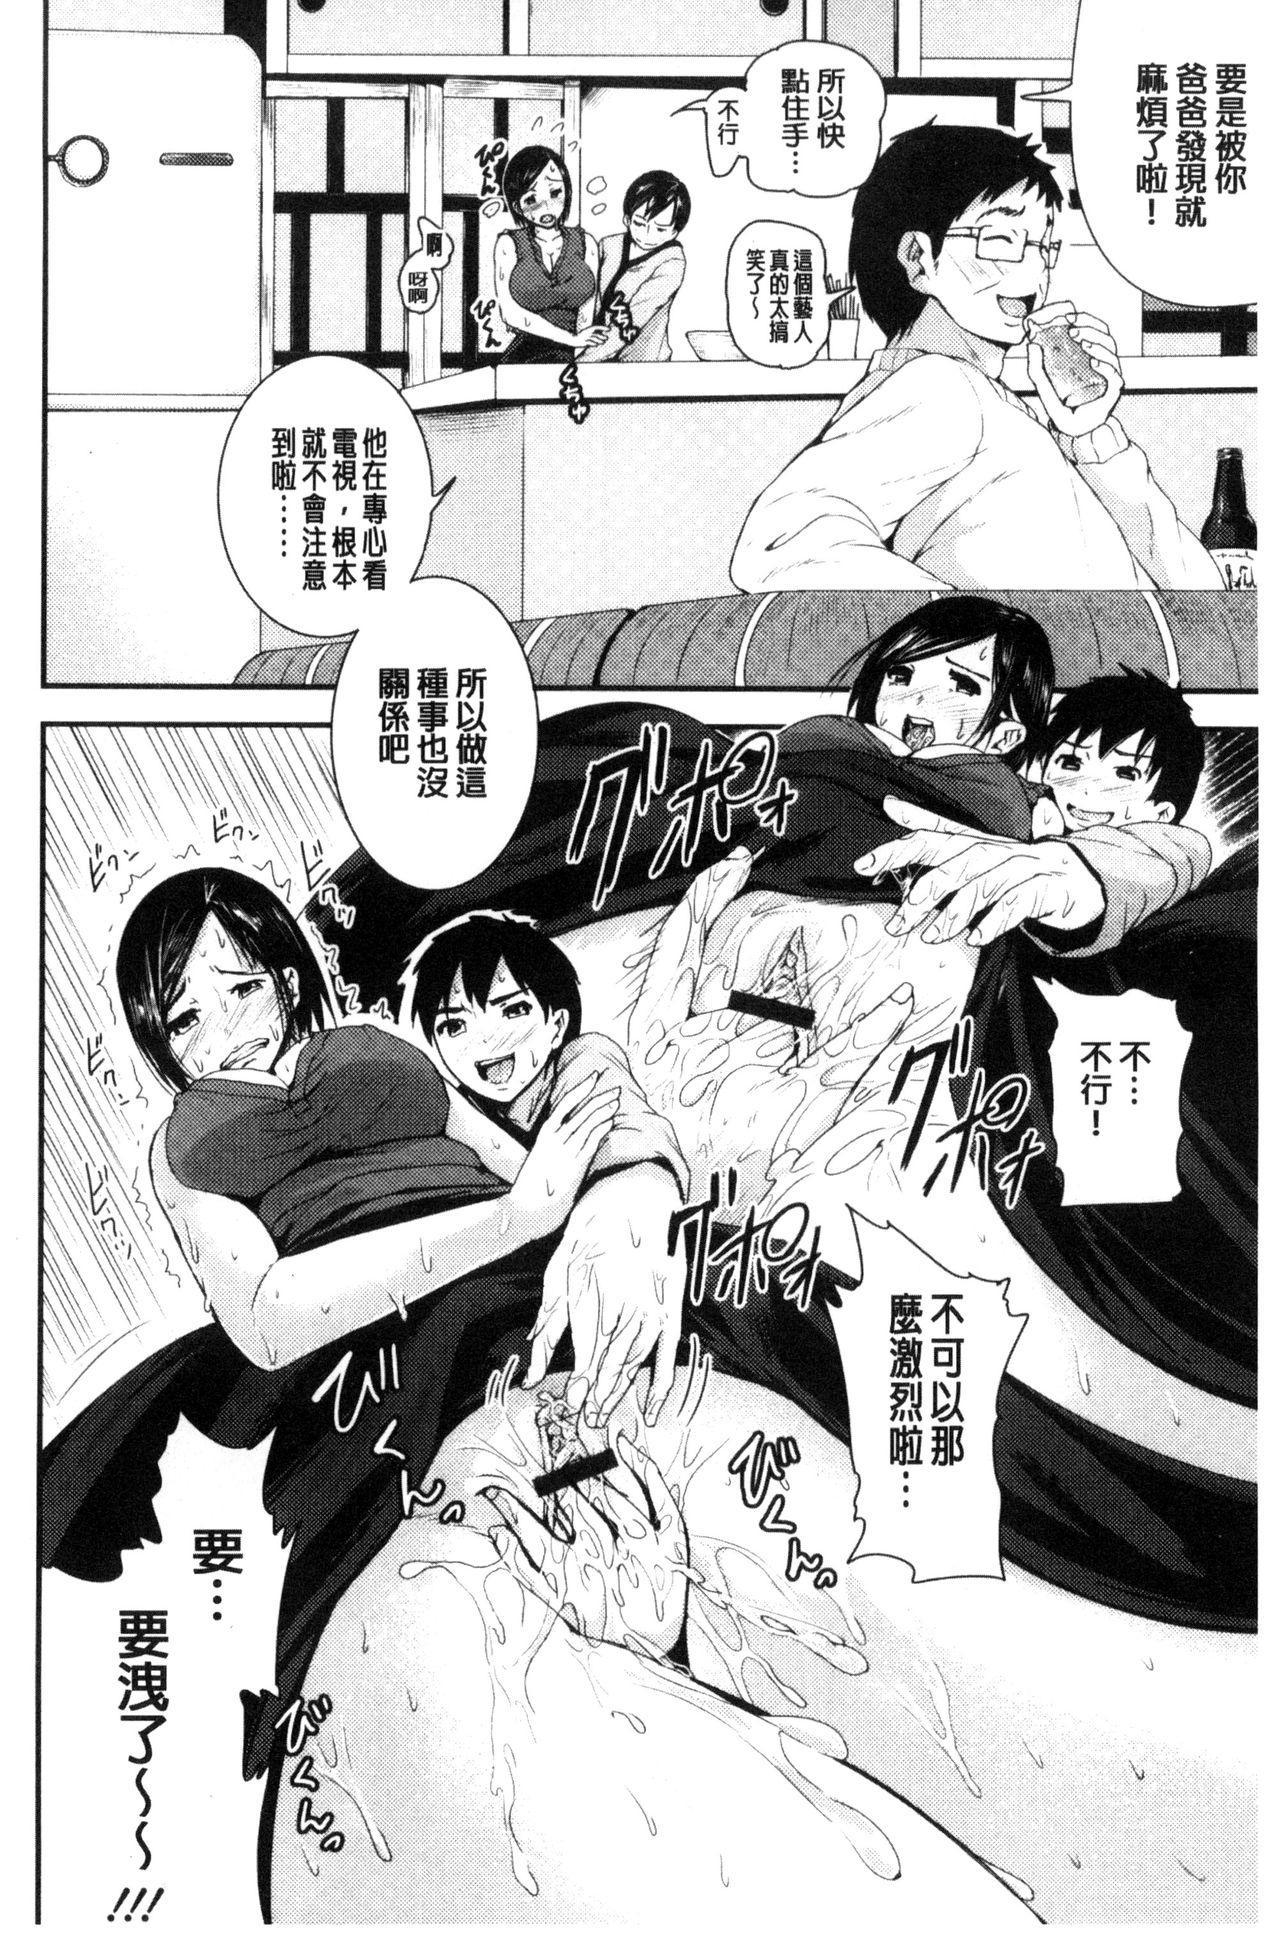 R18 Hatsuiku Shoujo 97